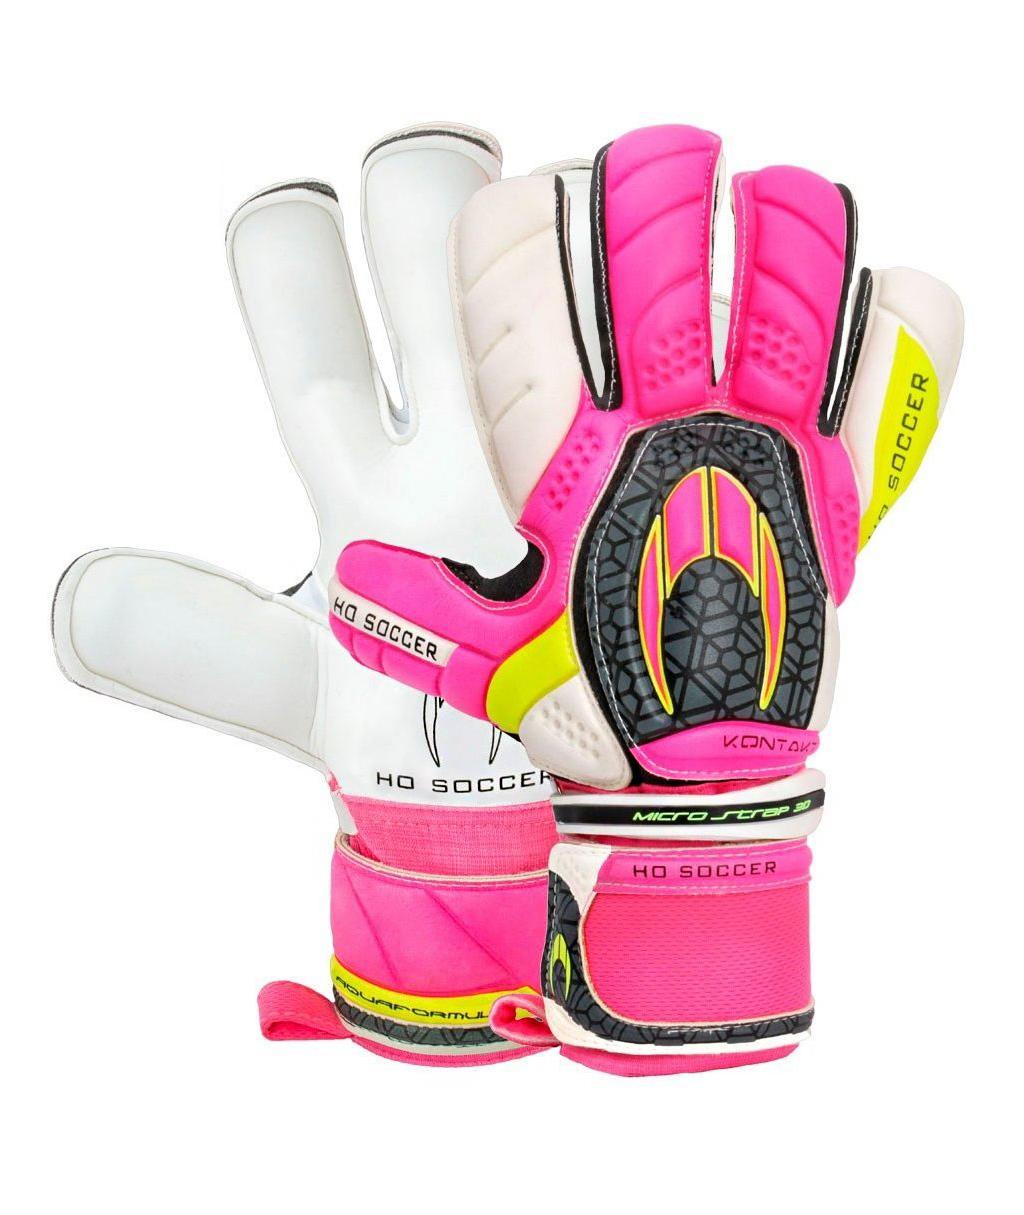 Купить Вратарские перчатки HO Soccer Kontakt 051.0646